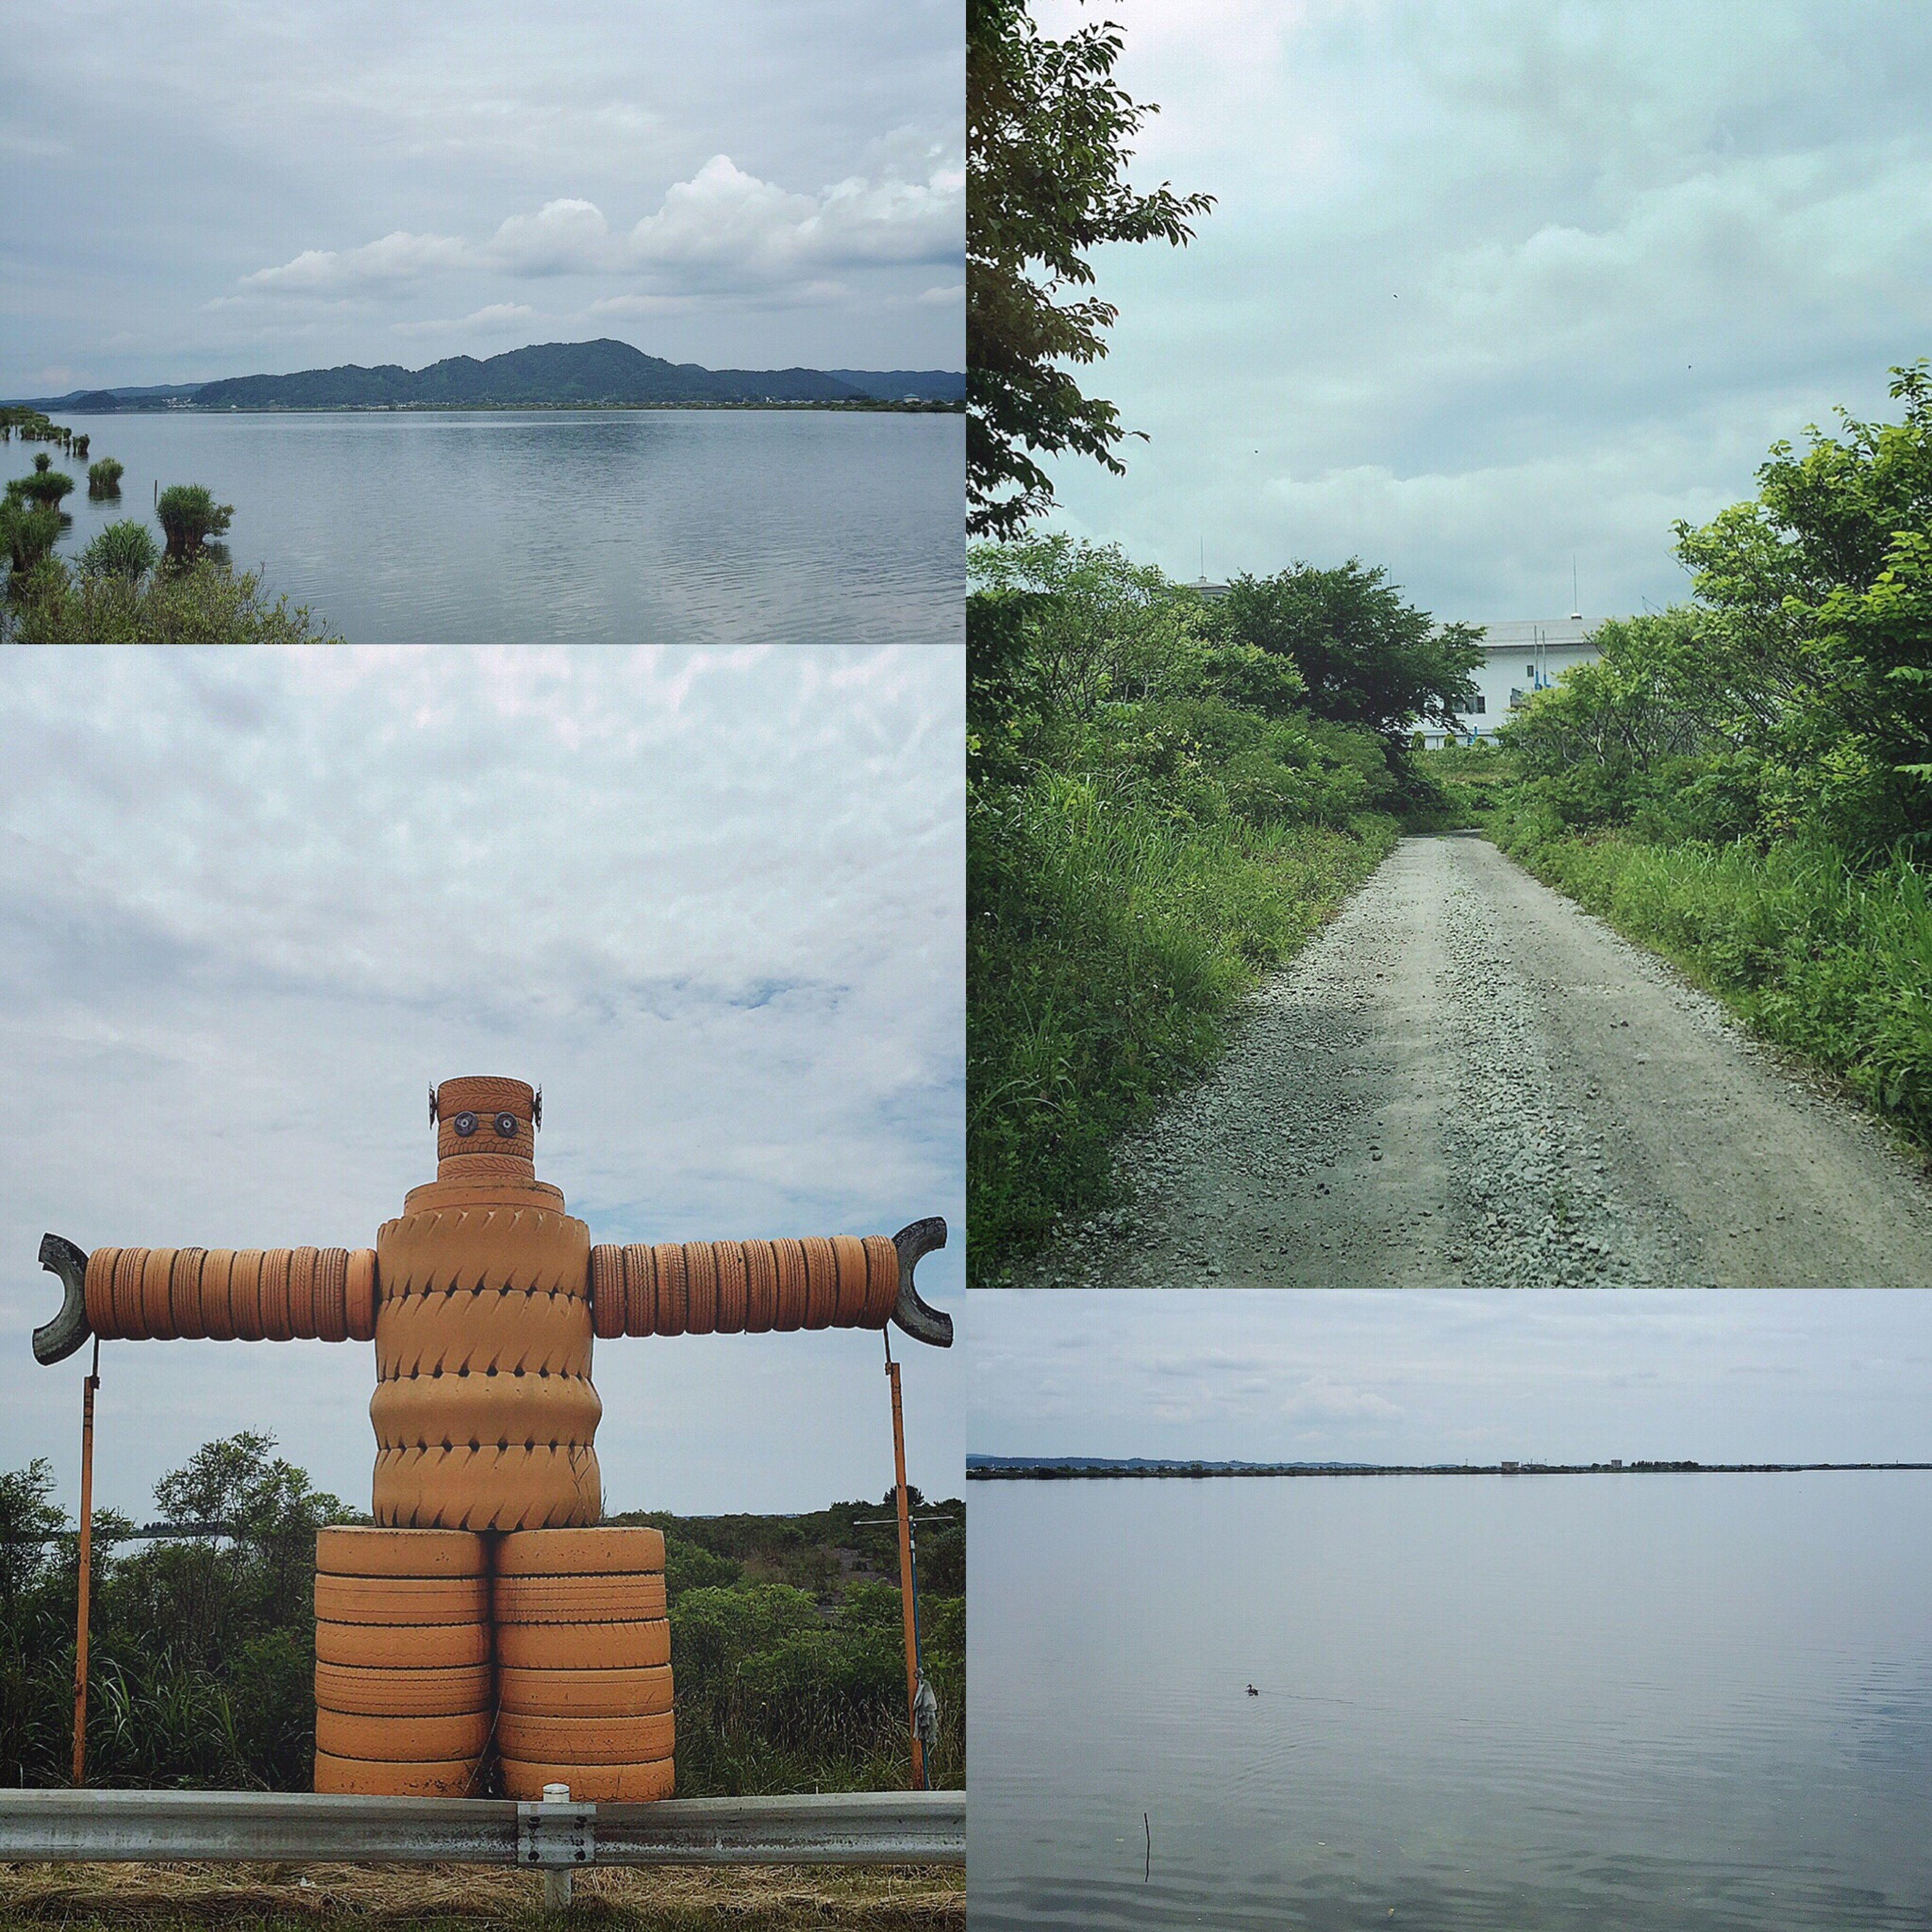 """秋田山形日記 DAY 2 ナビ子 この旅で、いちばん頼りにしていたモノは、新しいカーナビ🚘✨ だけど、よく道に迷って目的地から遠回りしたり、立ち入り禁止エリアに案内したり… """"ナビ子""""とは、よく喧嘩してましたww😜 どこまでも続く、まっすぐのじゃり道をひたすら走らせては行き止まりだった写真。 これもまた旅の記念として撮ったけど、内心は不安で心配で怖かったです😅📱💦 黄色いタイヤでできた謎のロボットみたいなモノは、けっこうな存在感で、おもしろかったので撮りました。笑🤖💛 最新のナビ子がいたけど、よく道に迷った旅でもありました〜🙃🙂🙃🙂🚙💦 つづく。 秋田山形日記 秋田 旅行記 旅行 旅 カーナビ ナビ ナビ子 ロボット タイヤ じゃり道"""